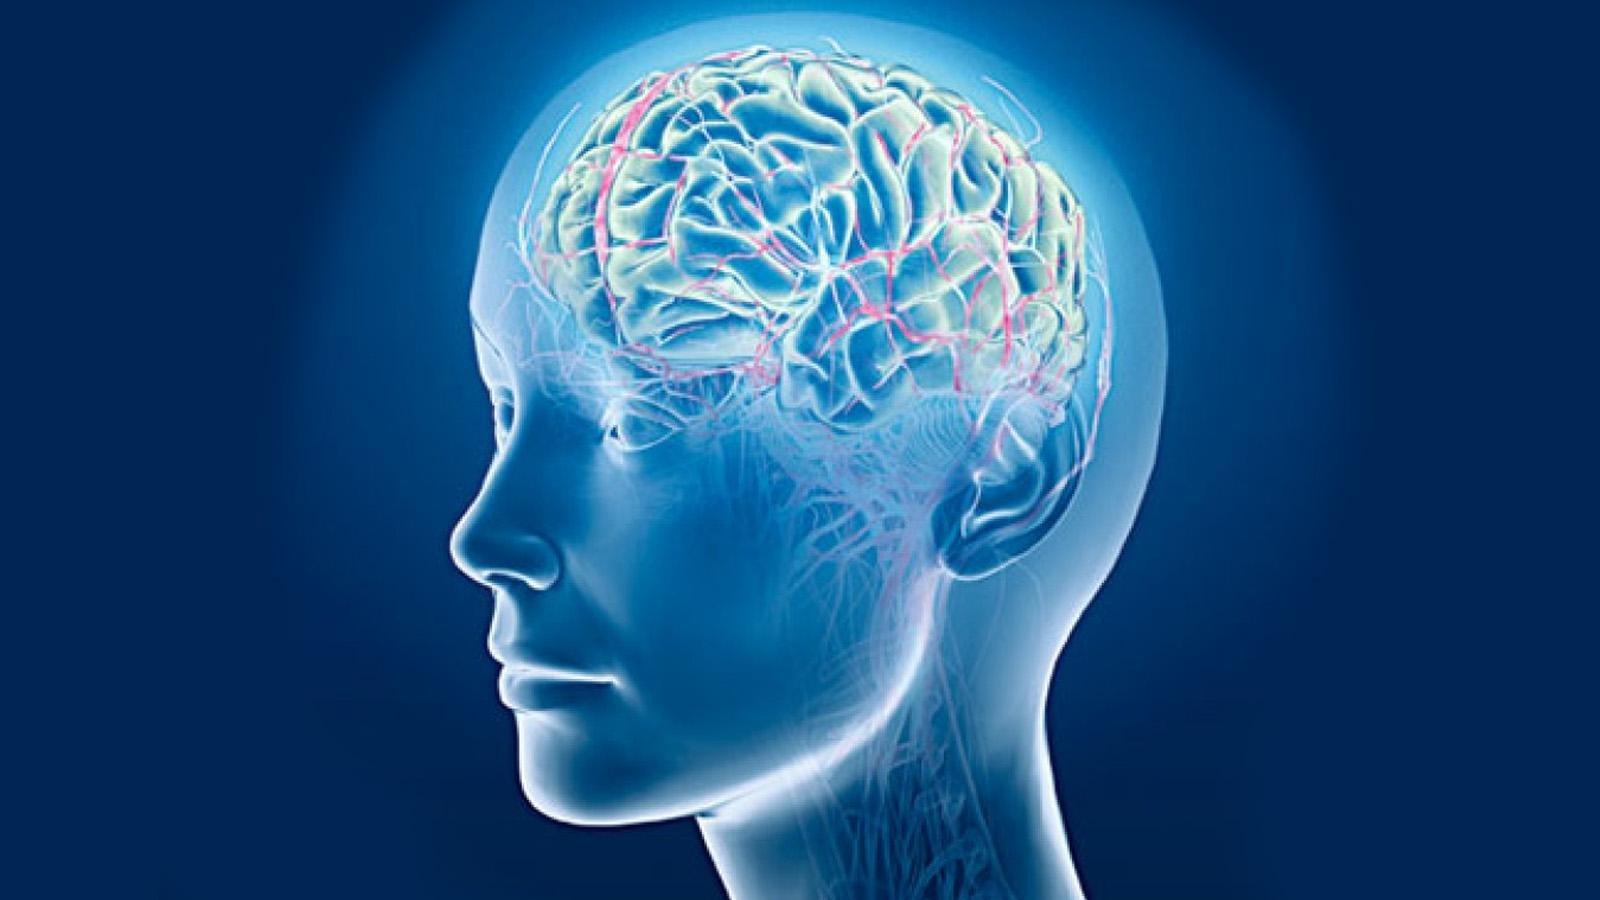 متى يصاب الدماغ البشري بالشيخوخة؟